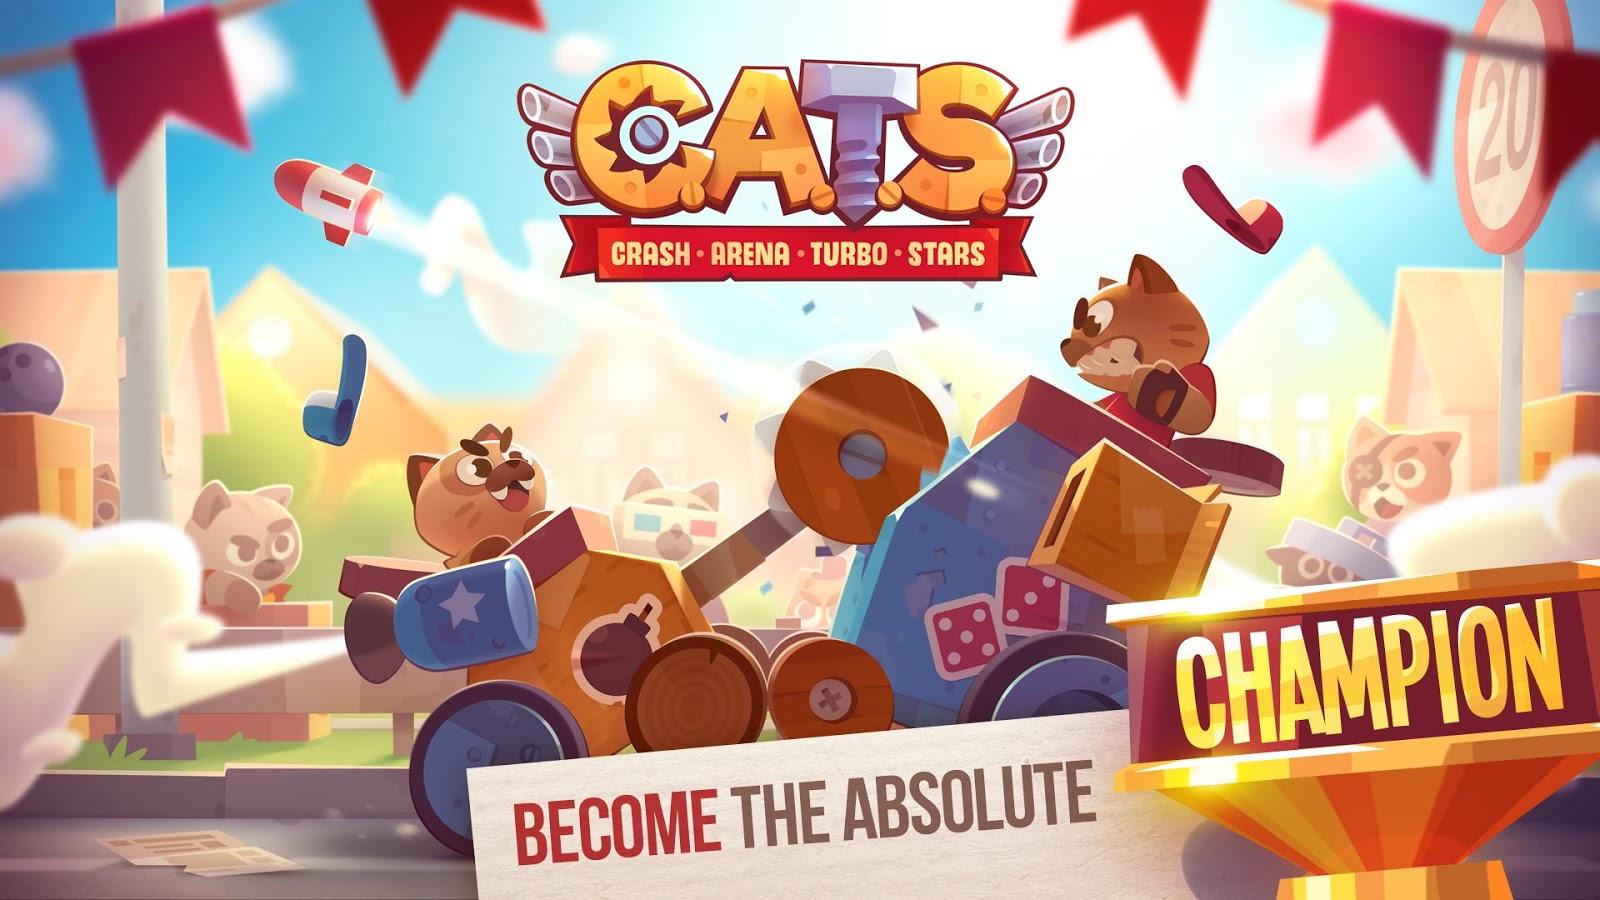 CATS: S šíleného nápadu soubojů koček na ničících se strojích vznikla zábavná a vizuálně velice propracovaná oddechová hra